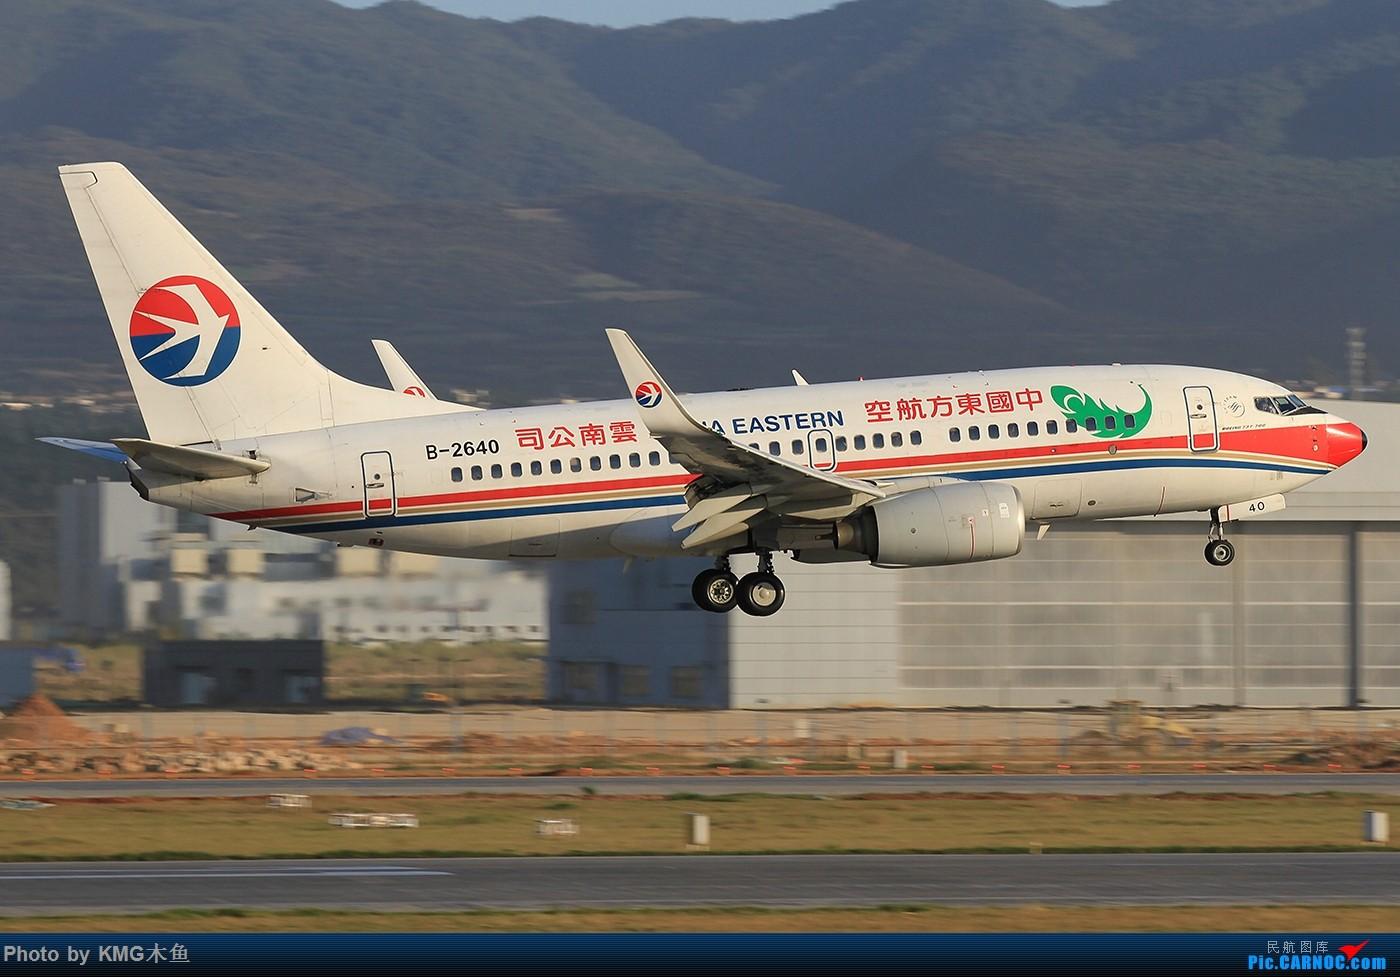 Re:[原创]【昆明长水国际机场-KMG木鱼拍机】啥时候能晴天,我想拍飞机了 BOEING 737-700 B-2640 中国昆明长水国际机场